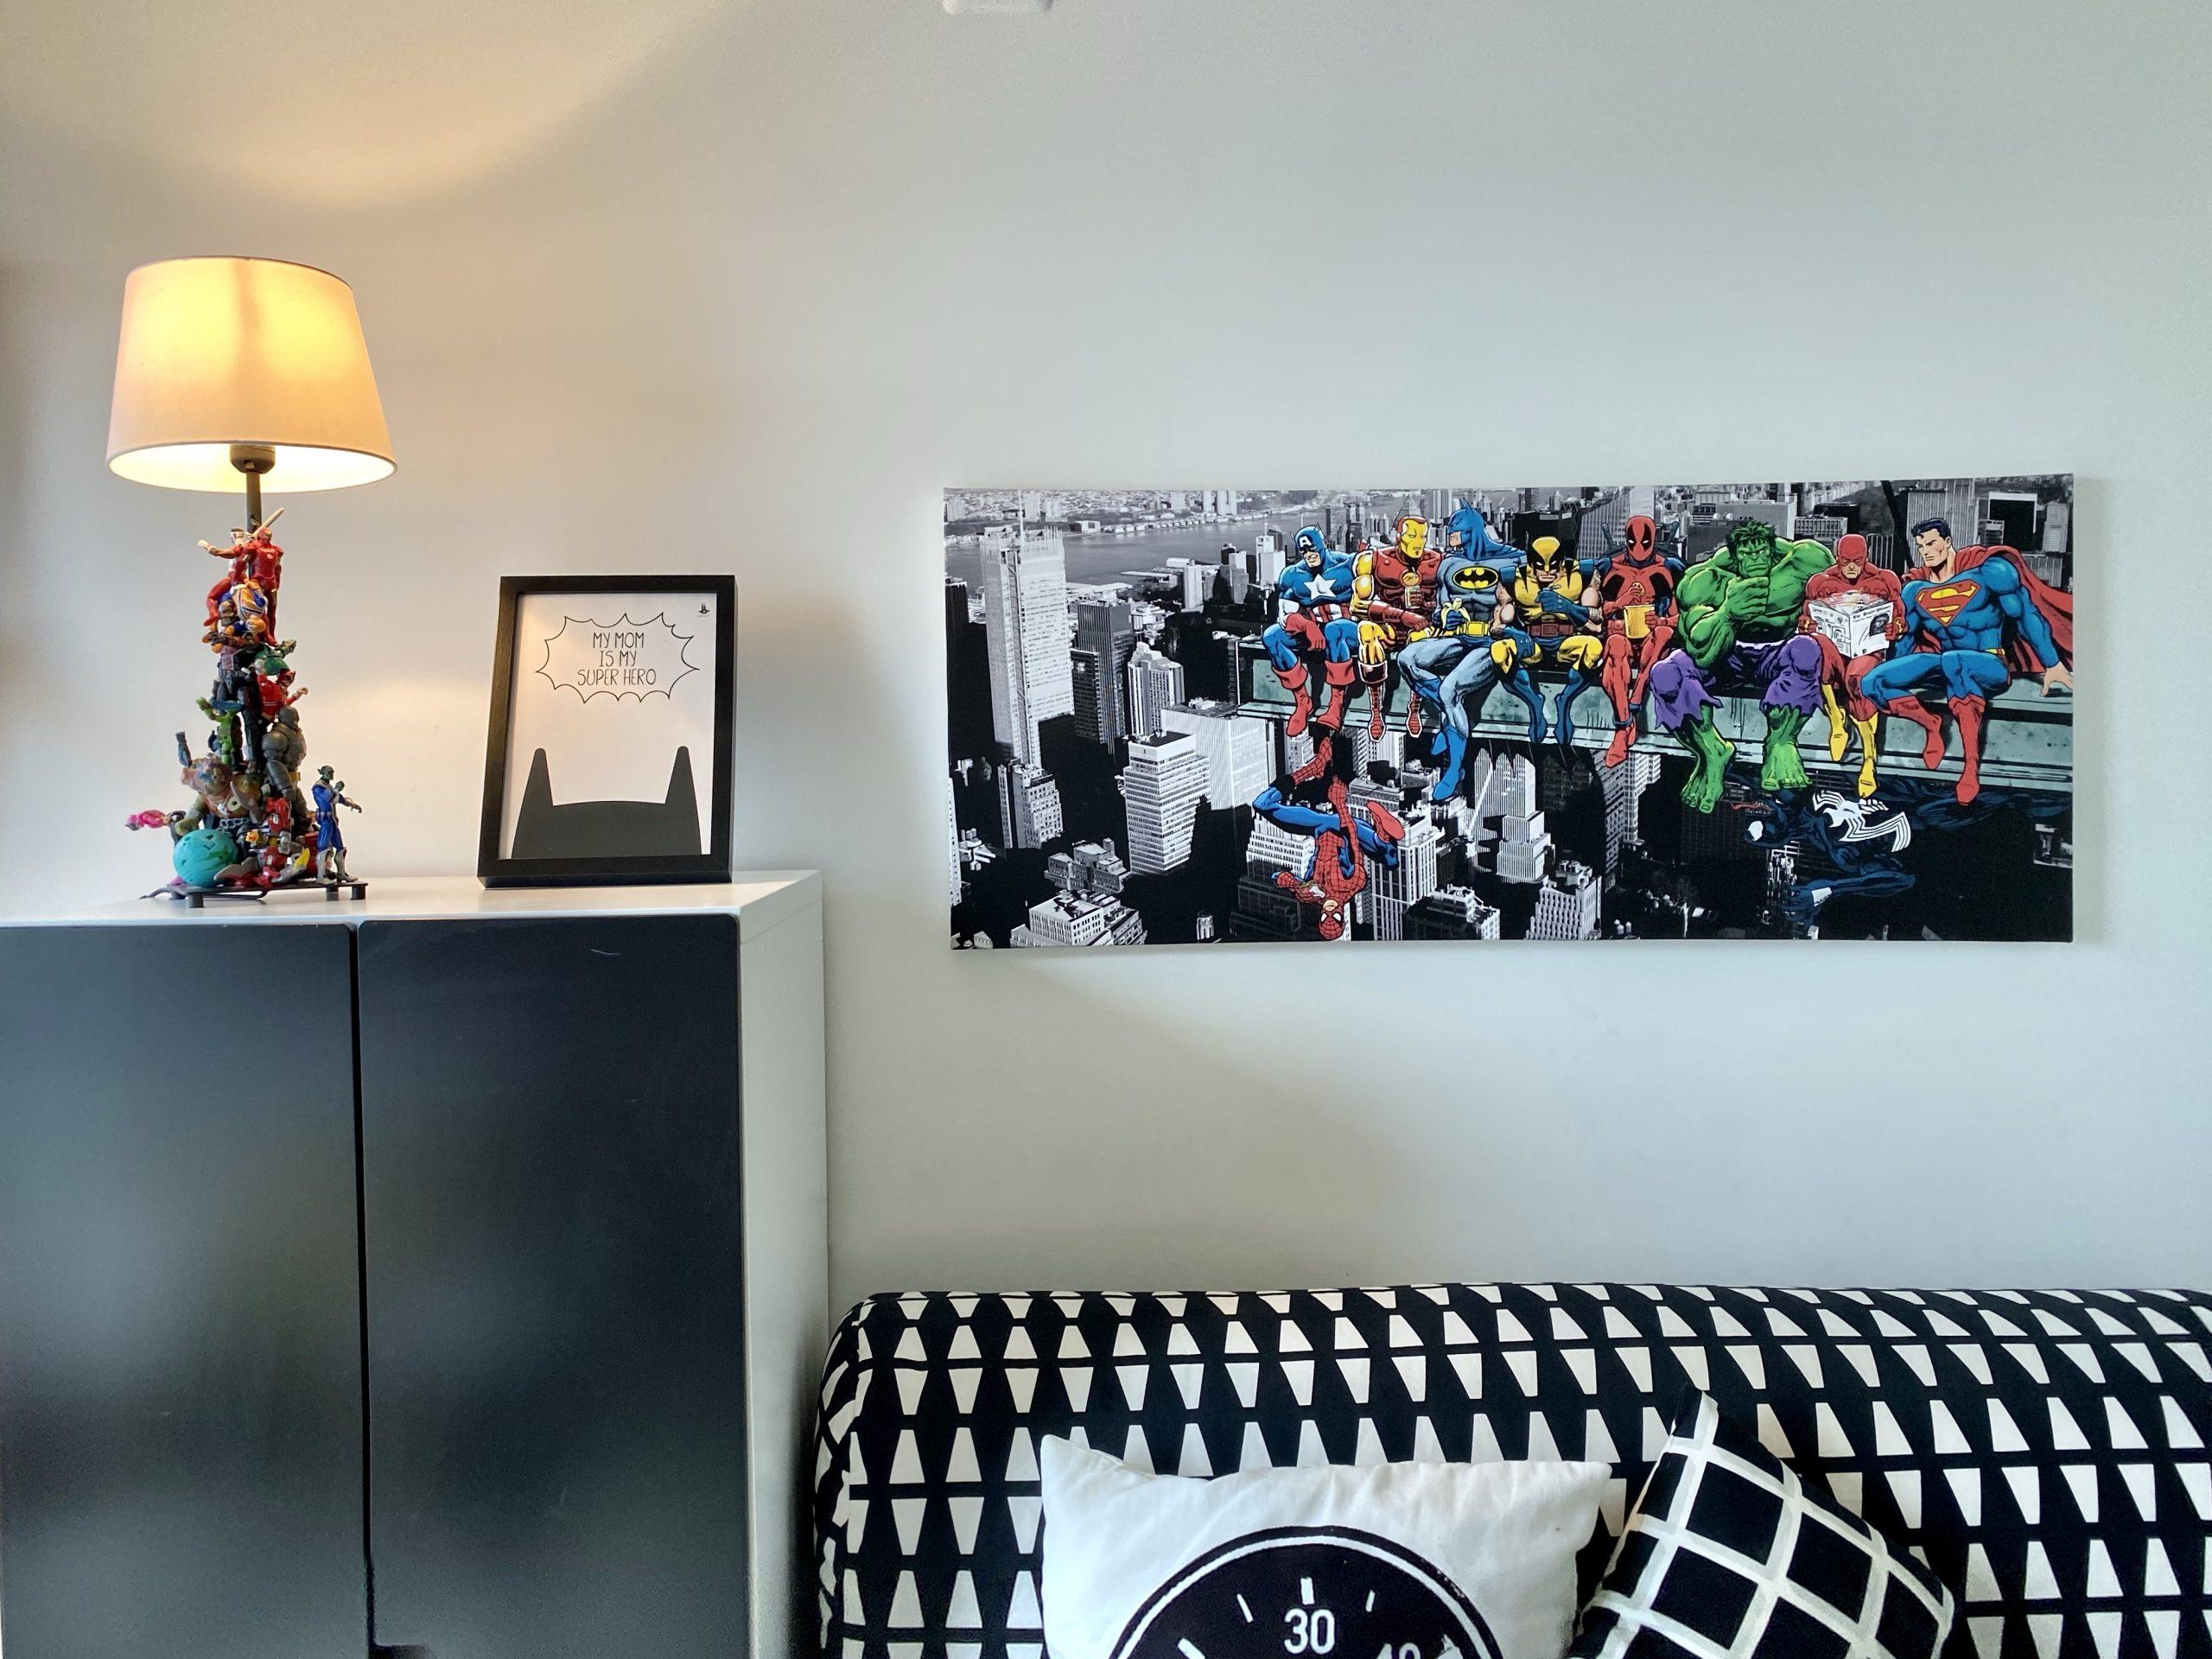 חדר גיבורי על קונסולה קואלה רהיטים שירי ויצנר בלוג חיפאית16